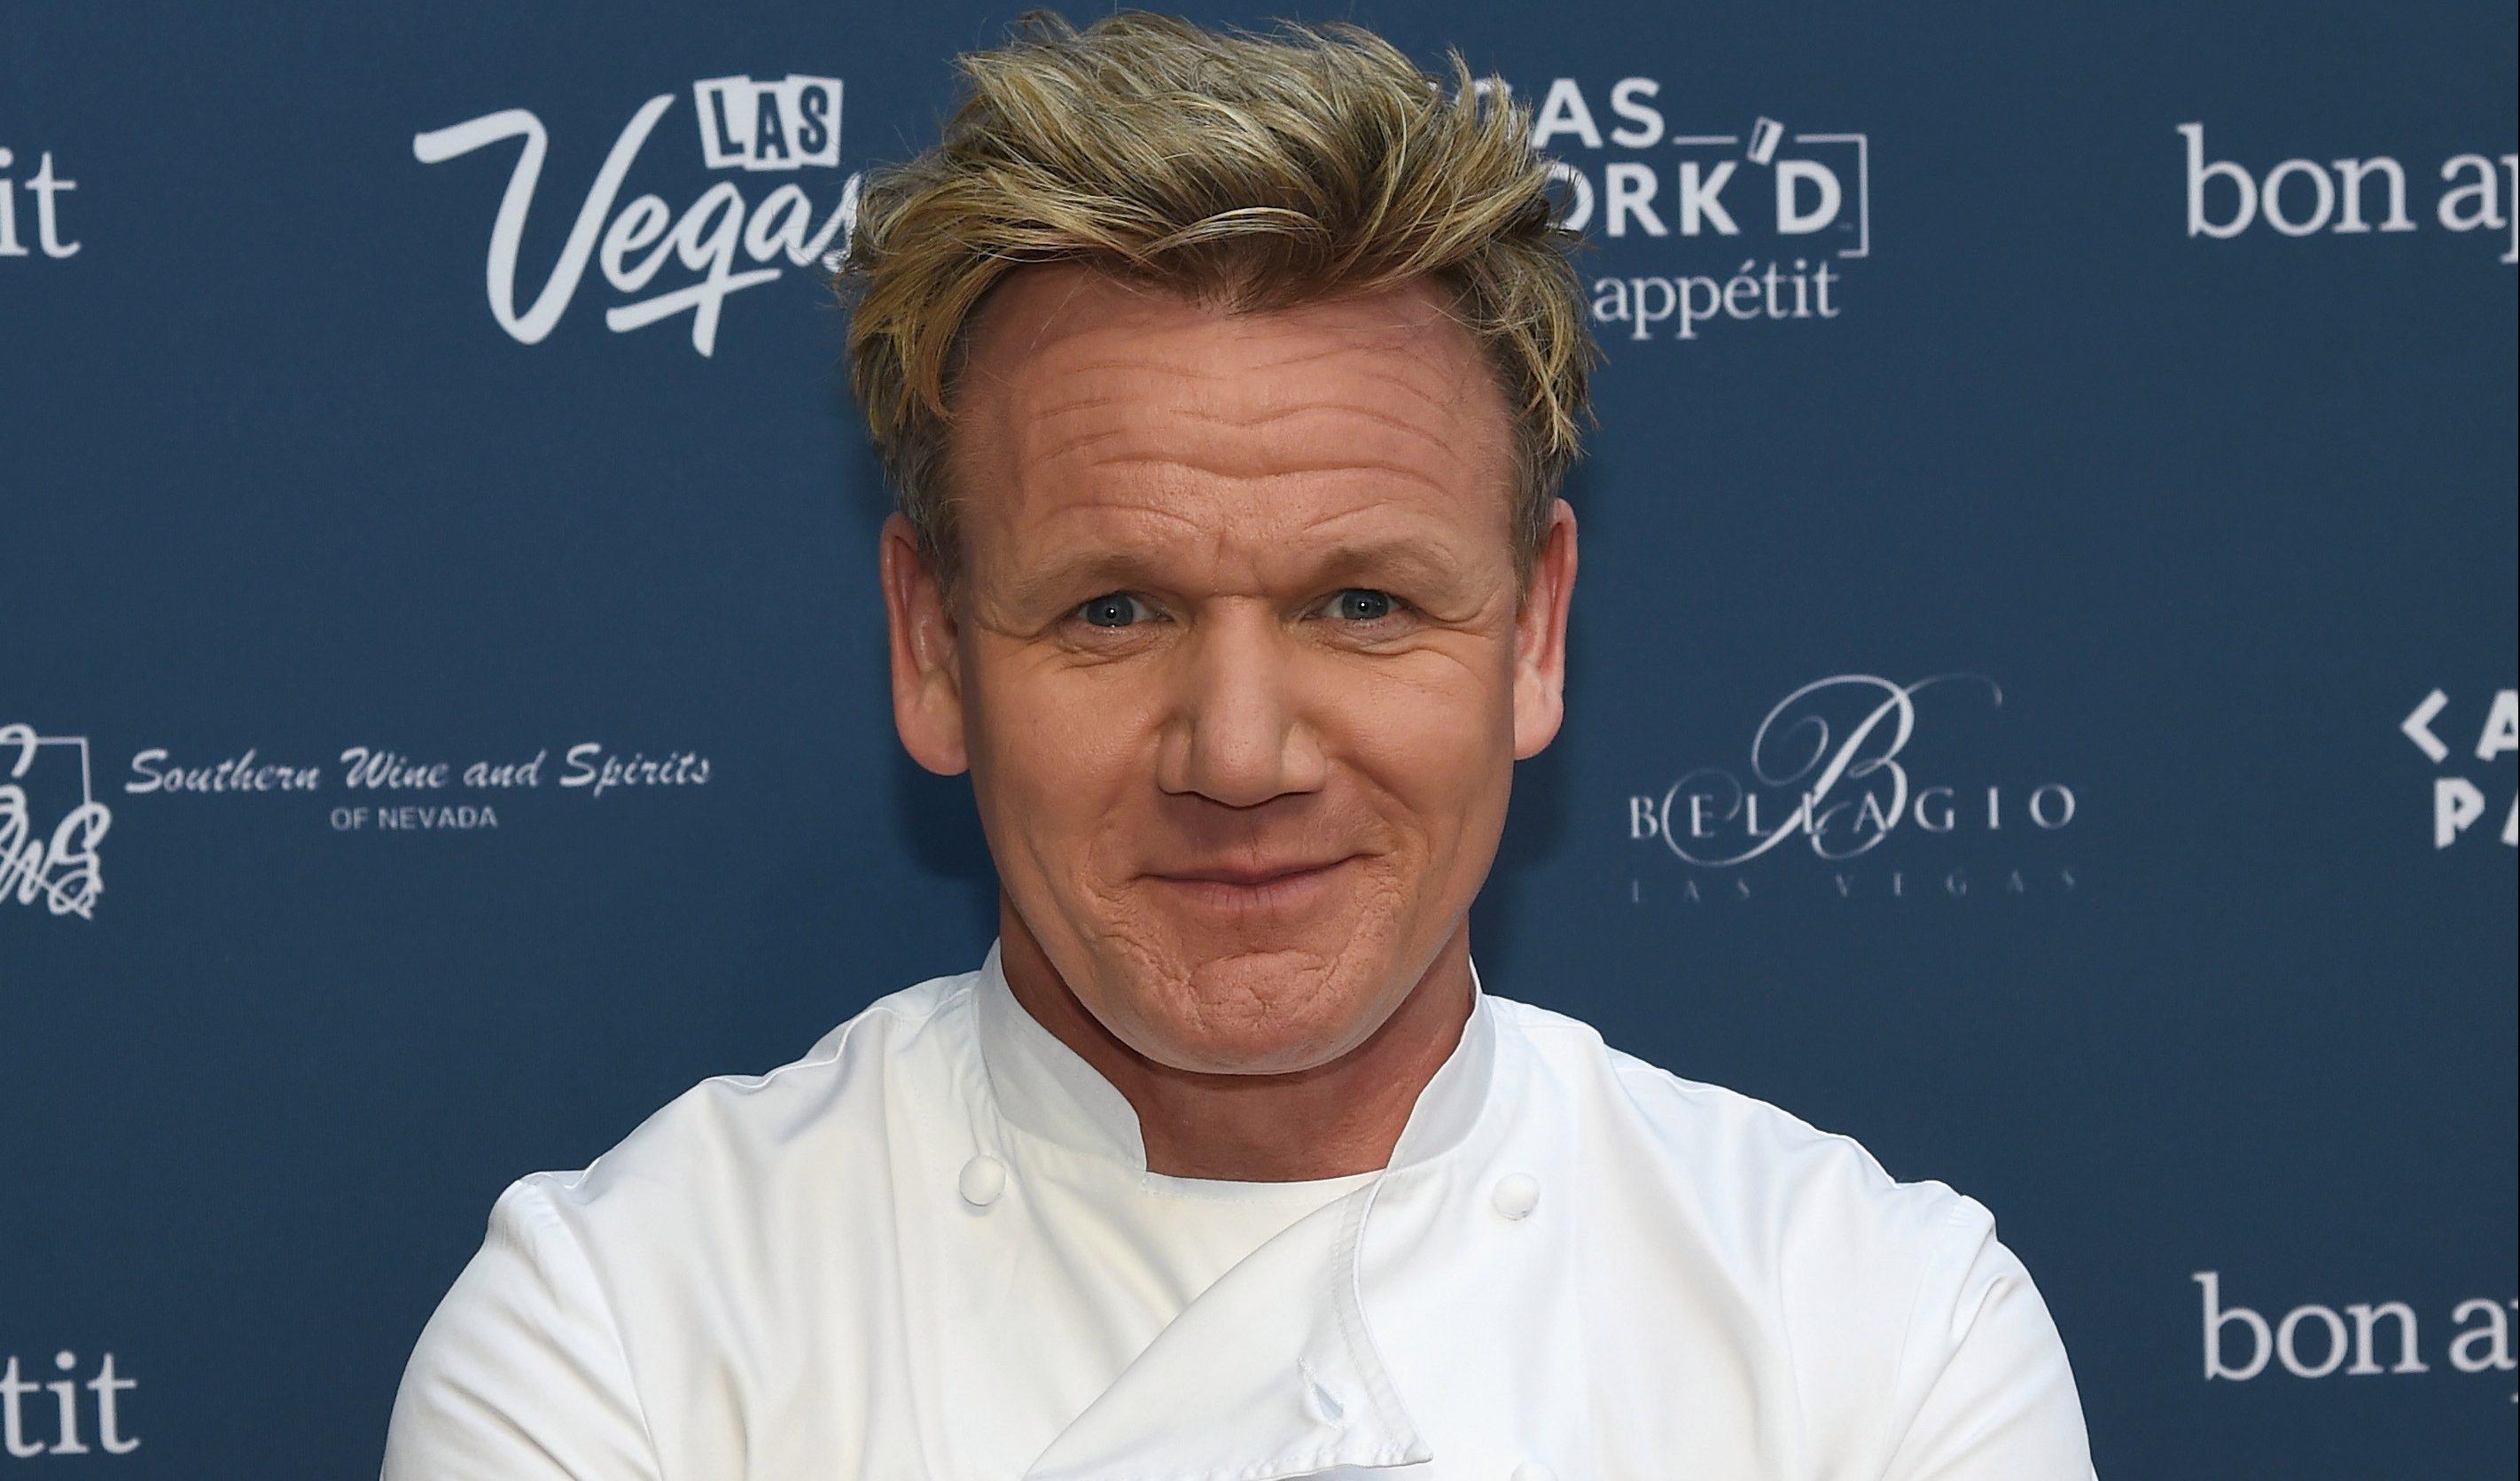 Gordon Ramsay \u0027wants a £40,000 igloo in his back garden\u0027 and